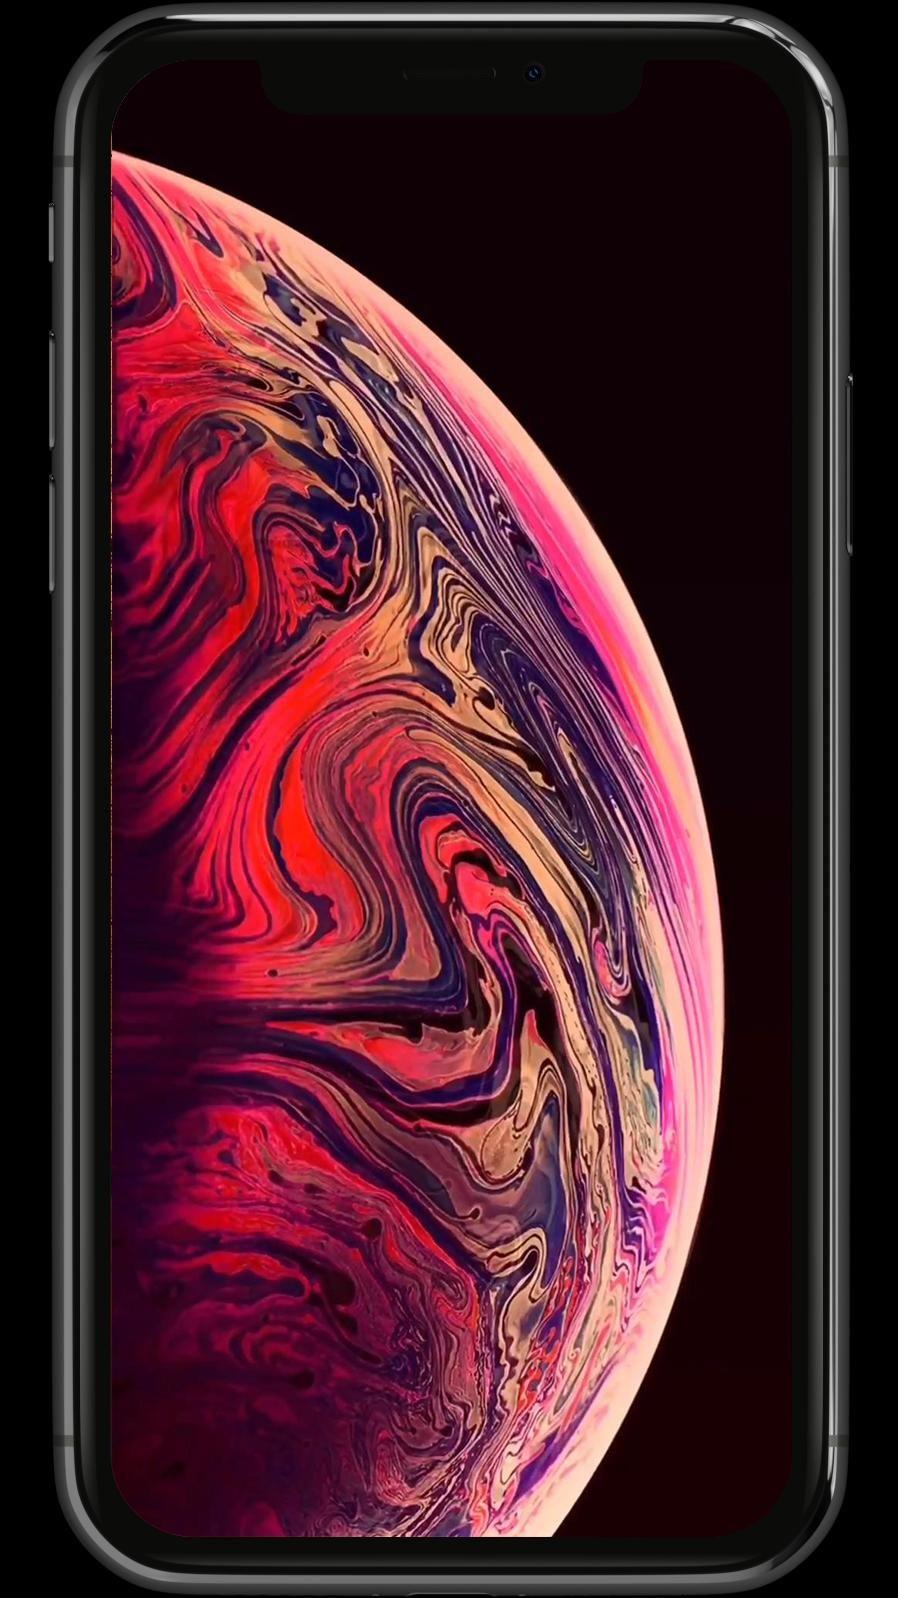 Wallpaper Iphone Xs Max Live